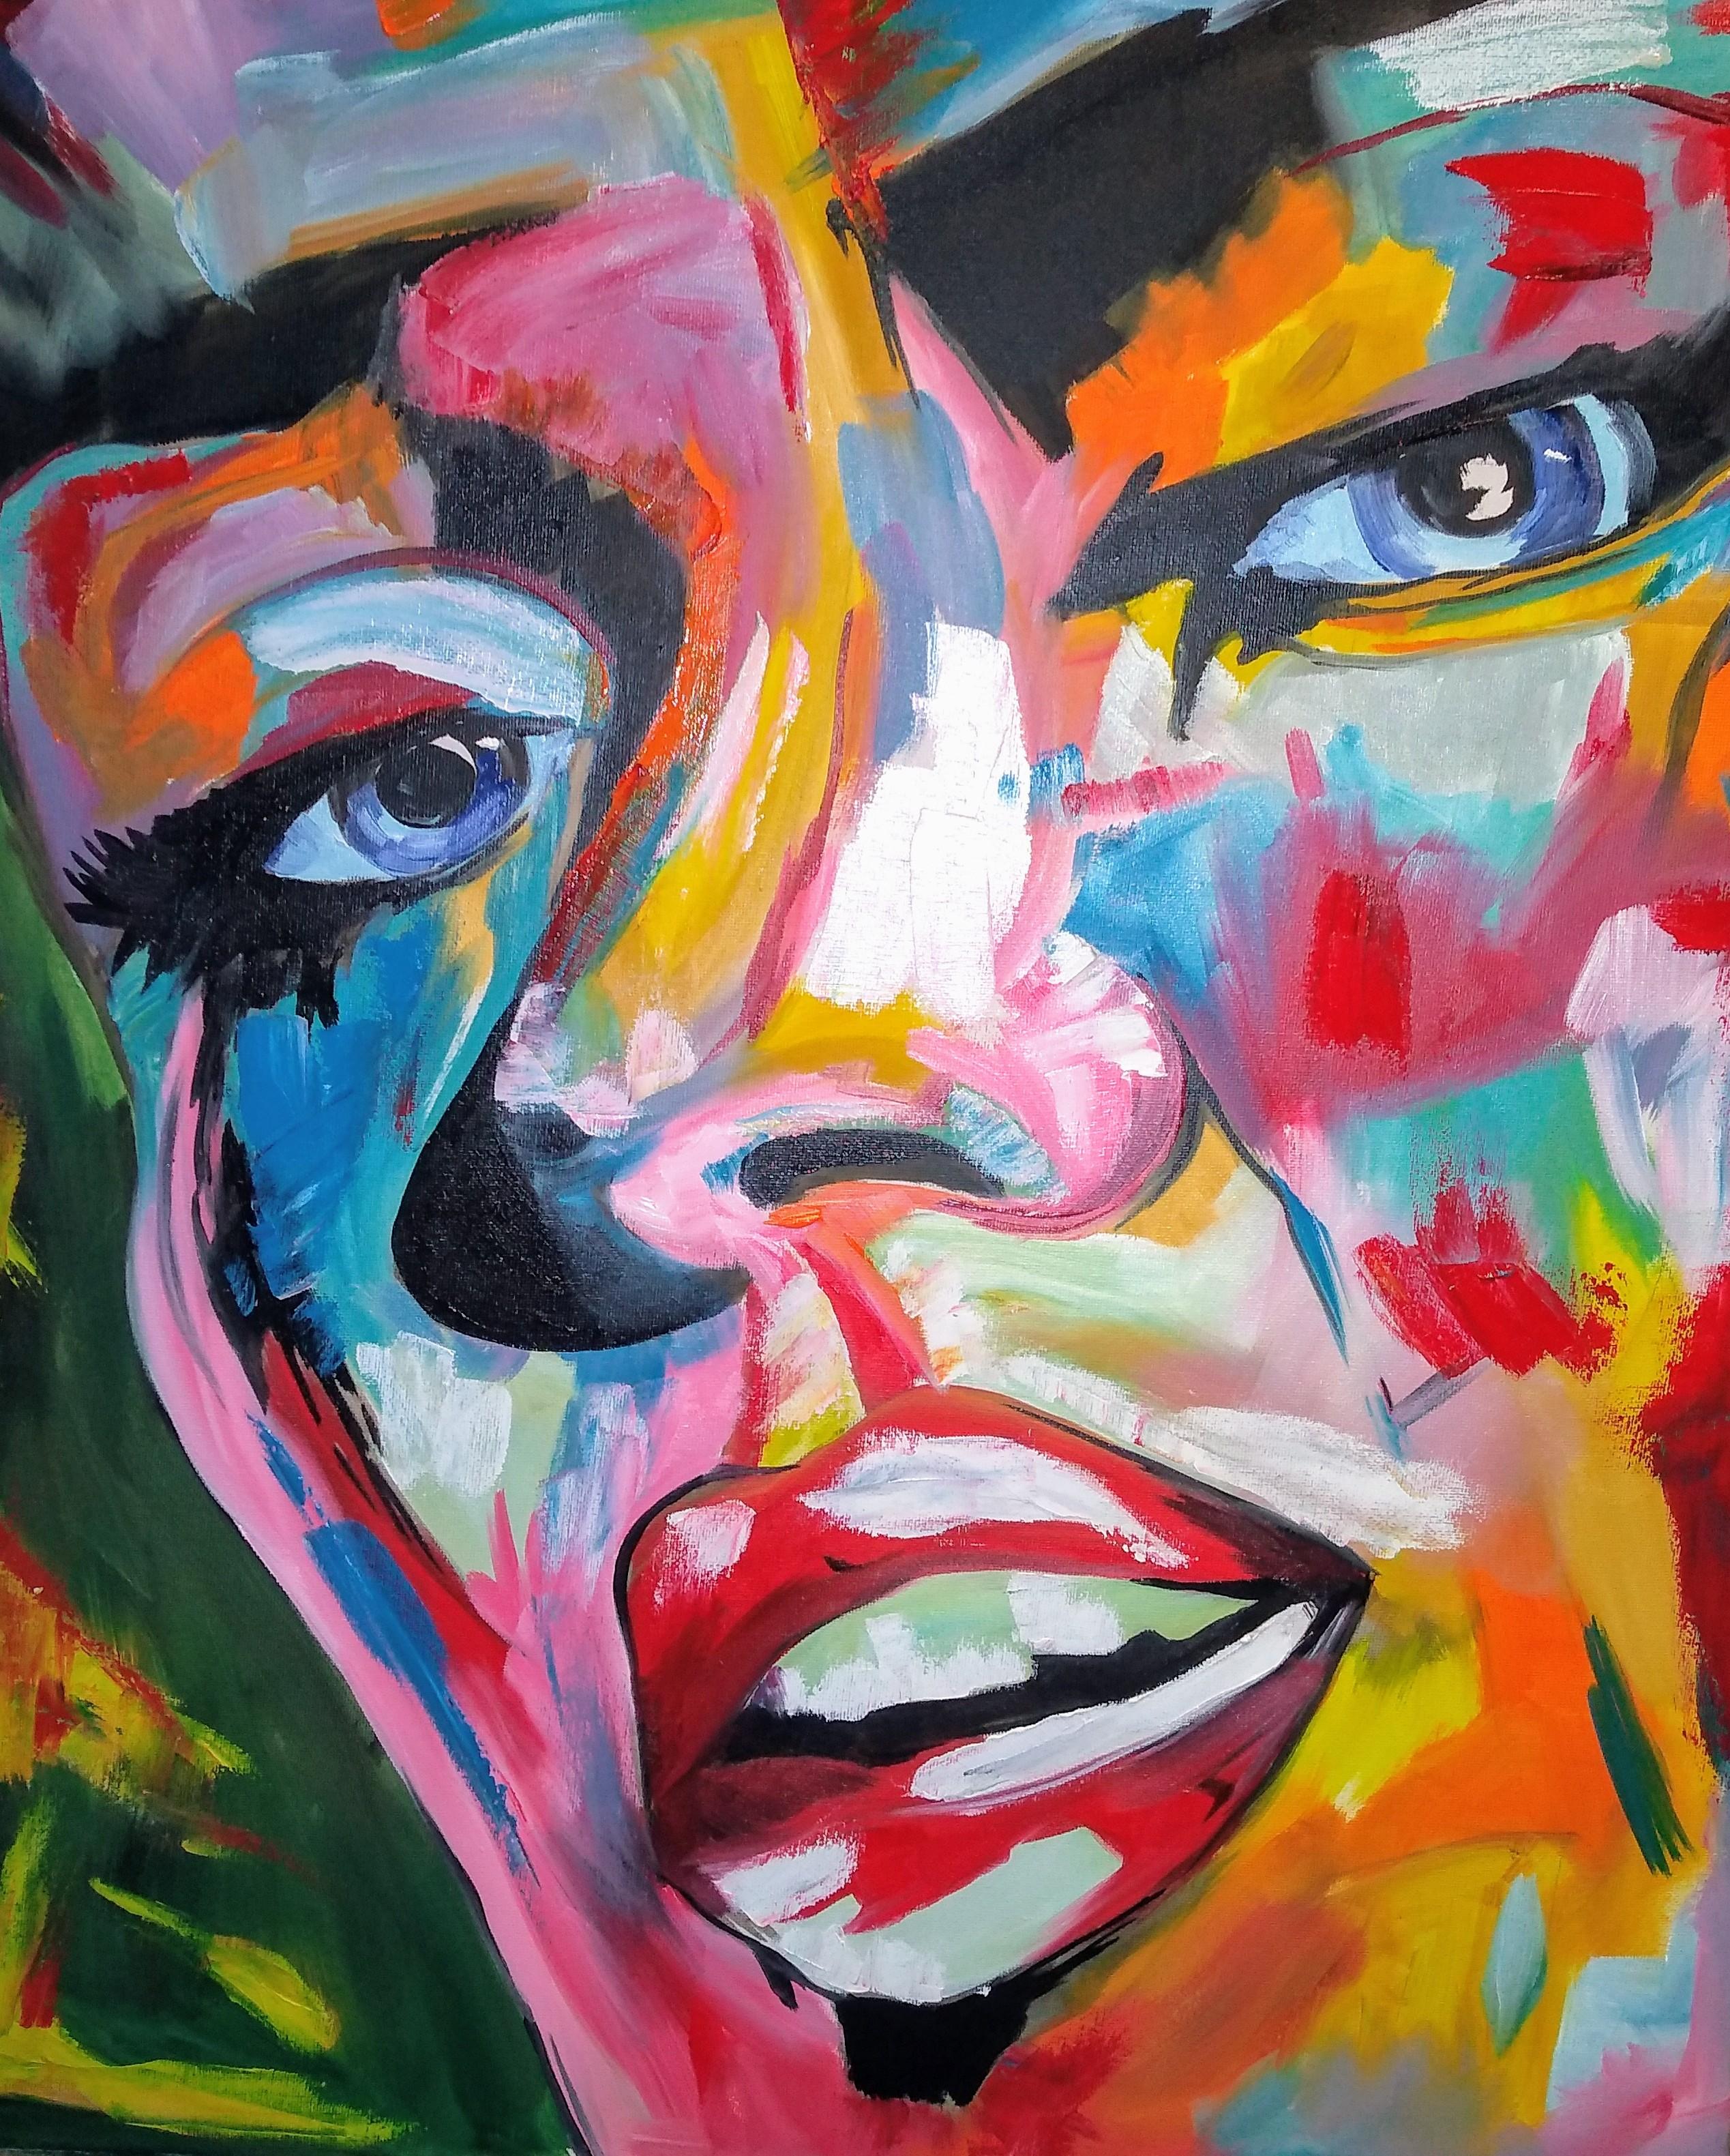 Art By Me hi its me | original art under 100